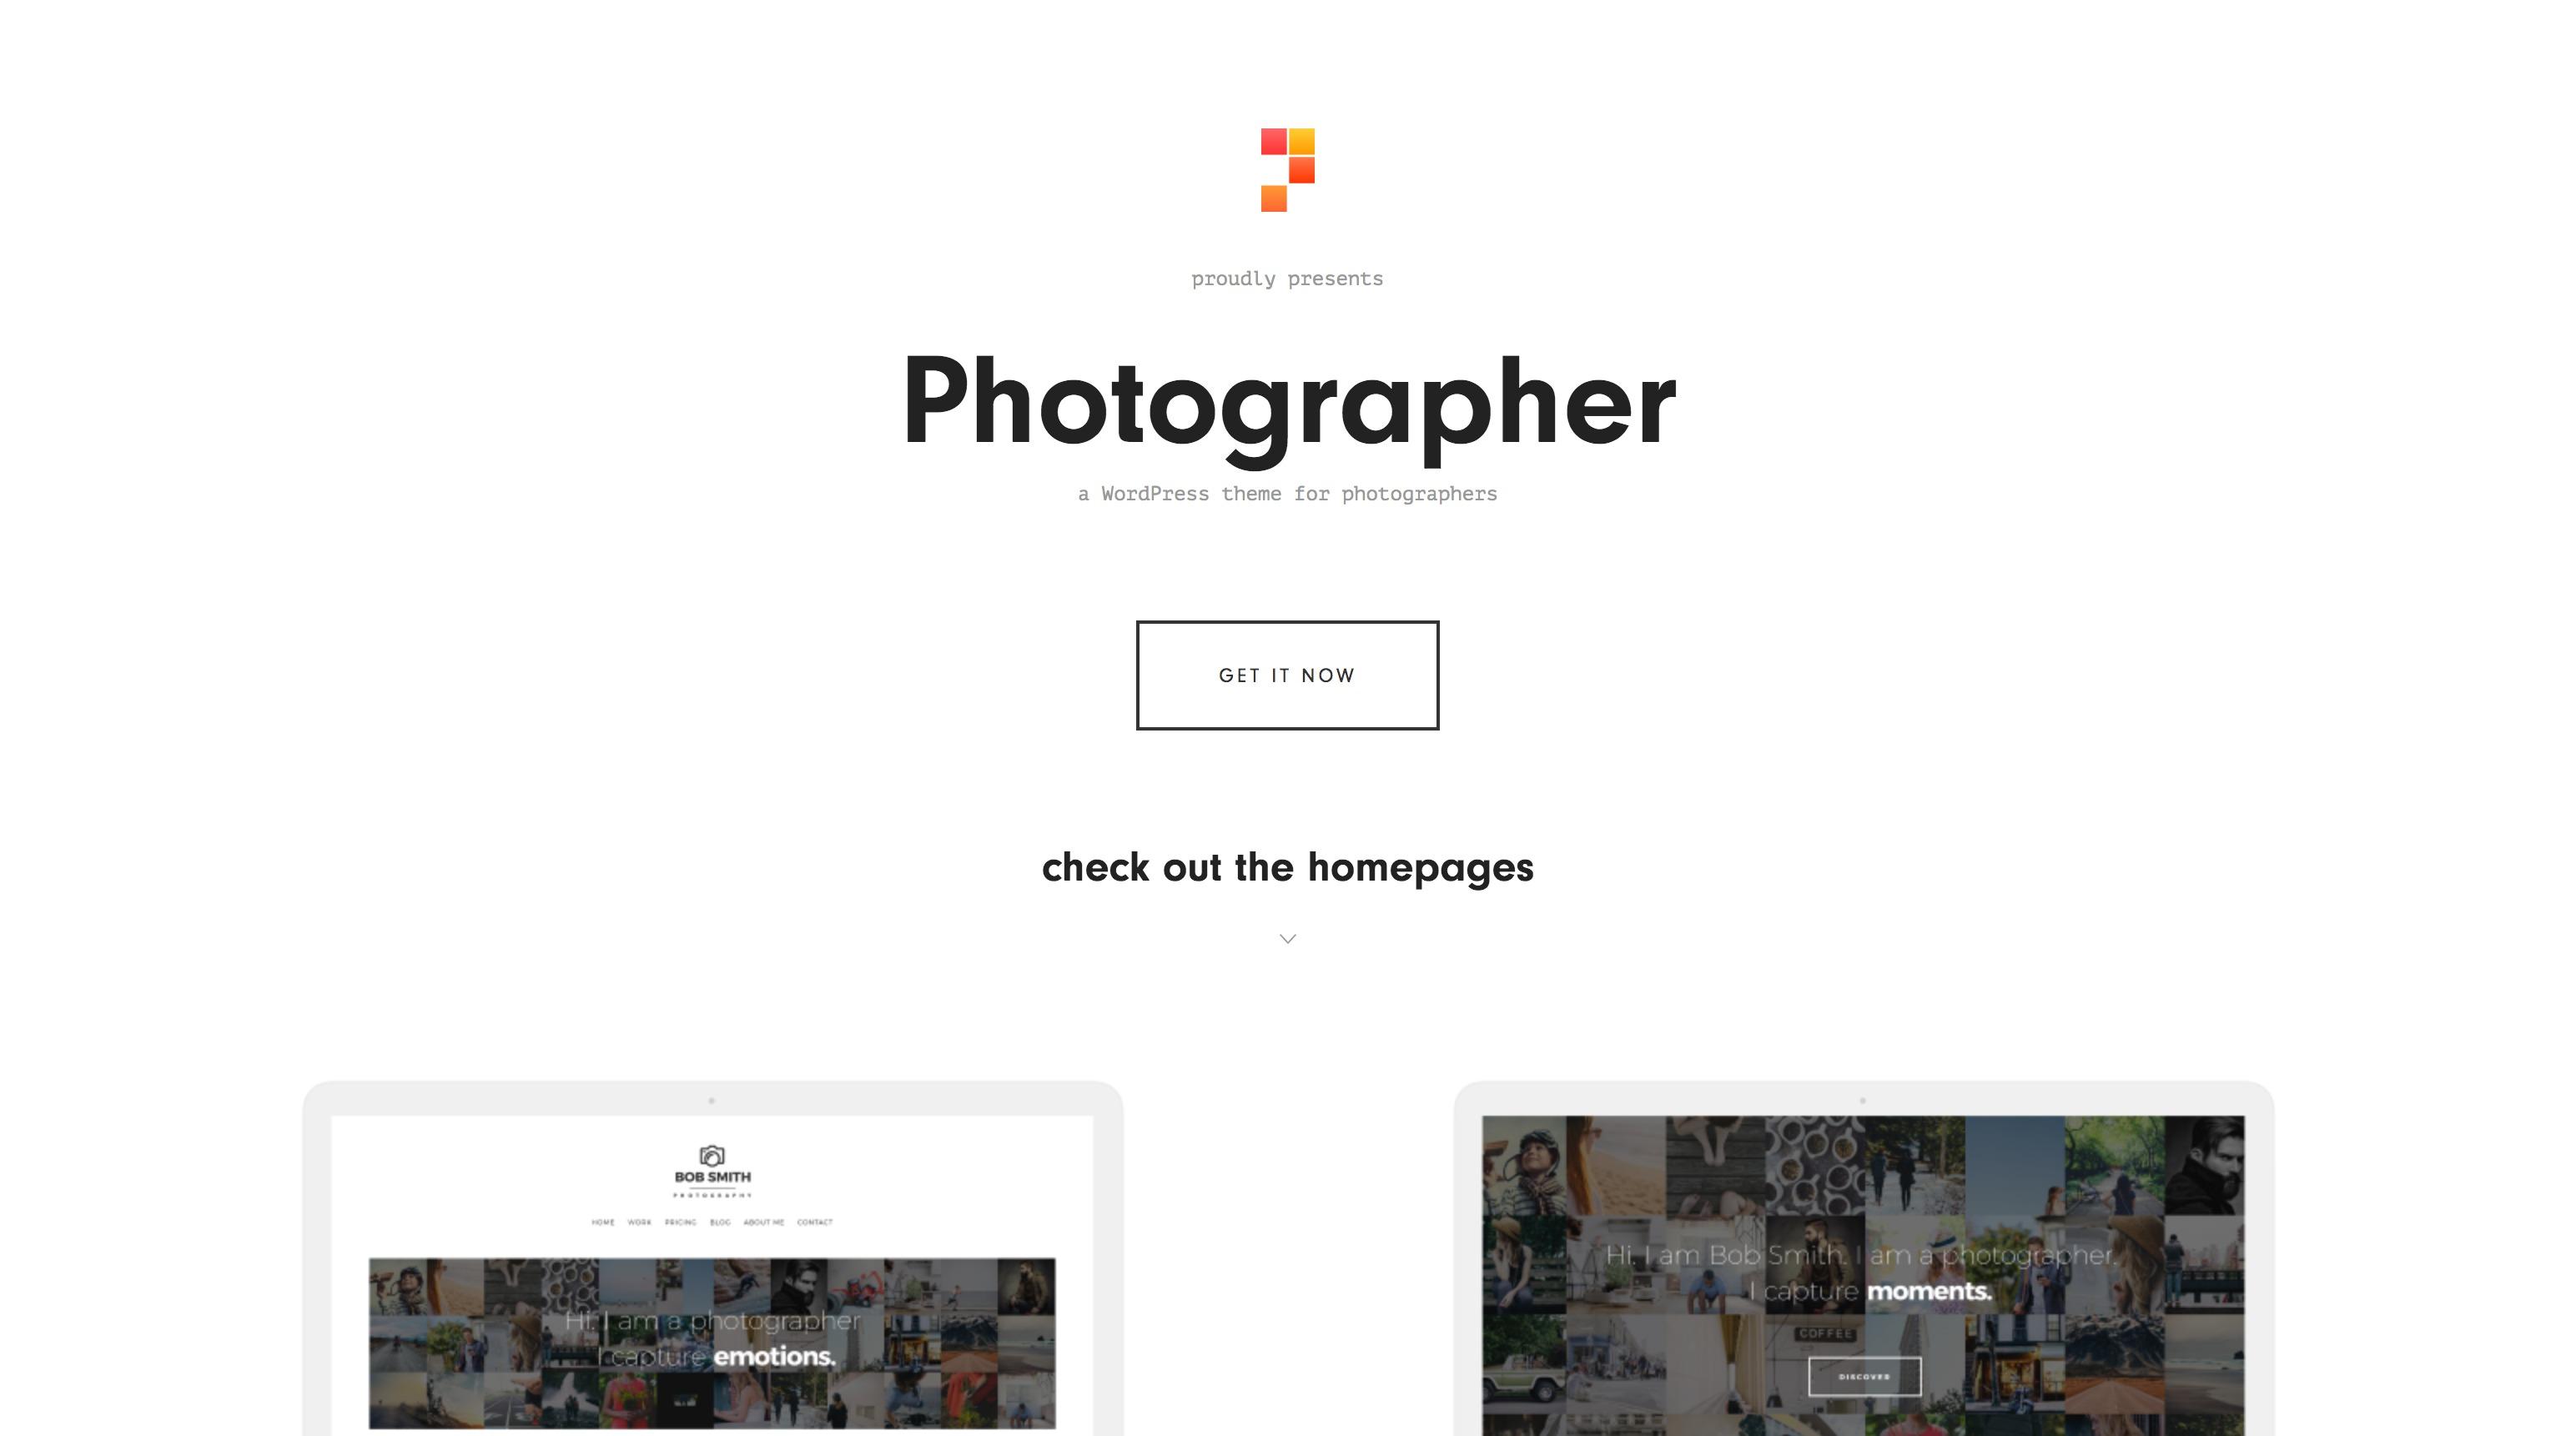 简洁极速摄影师图片博客模板WordPress主题